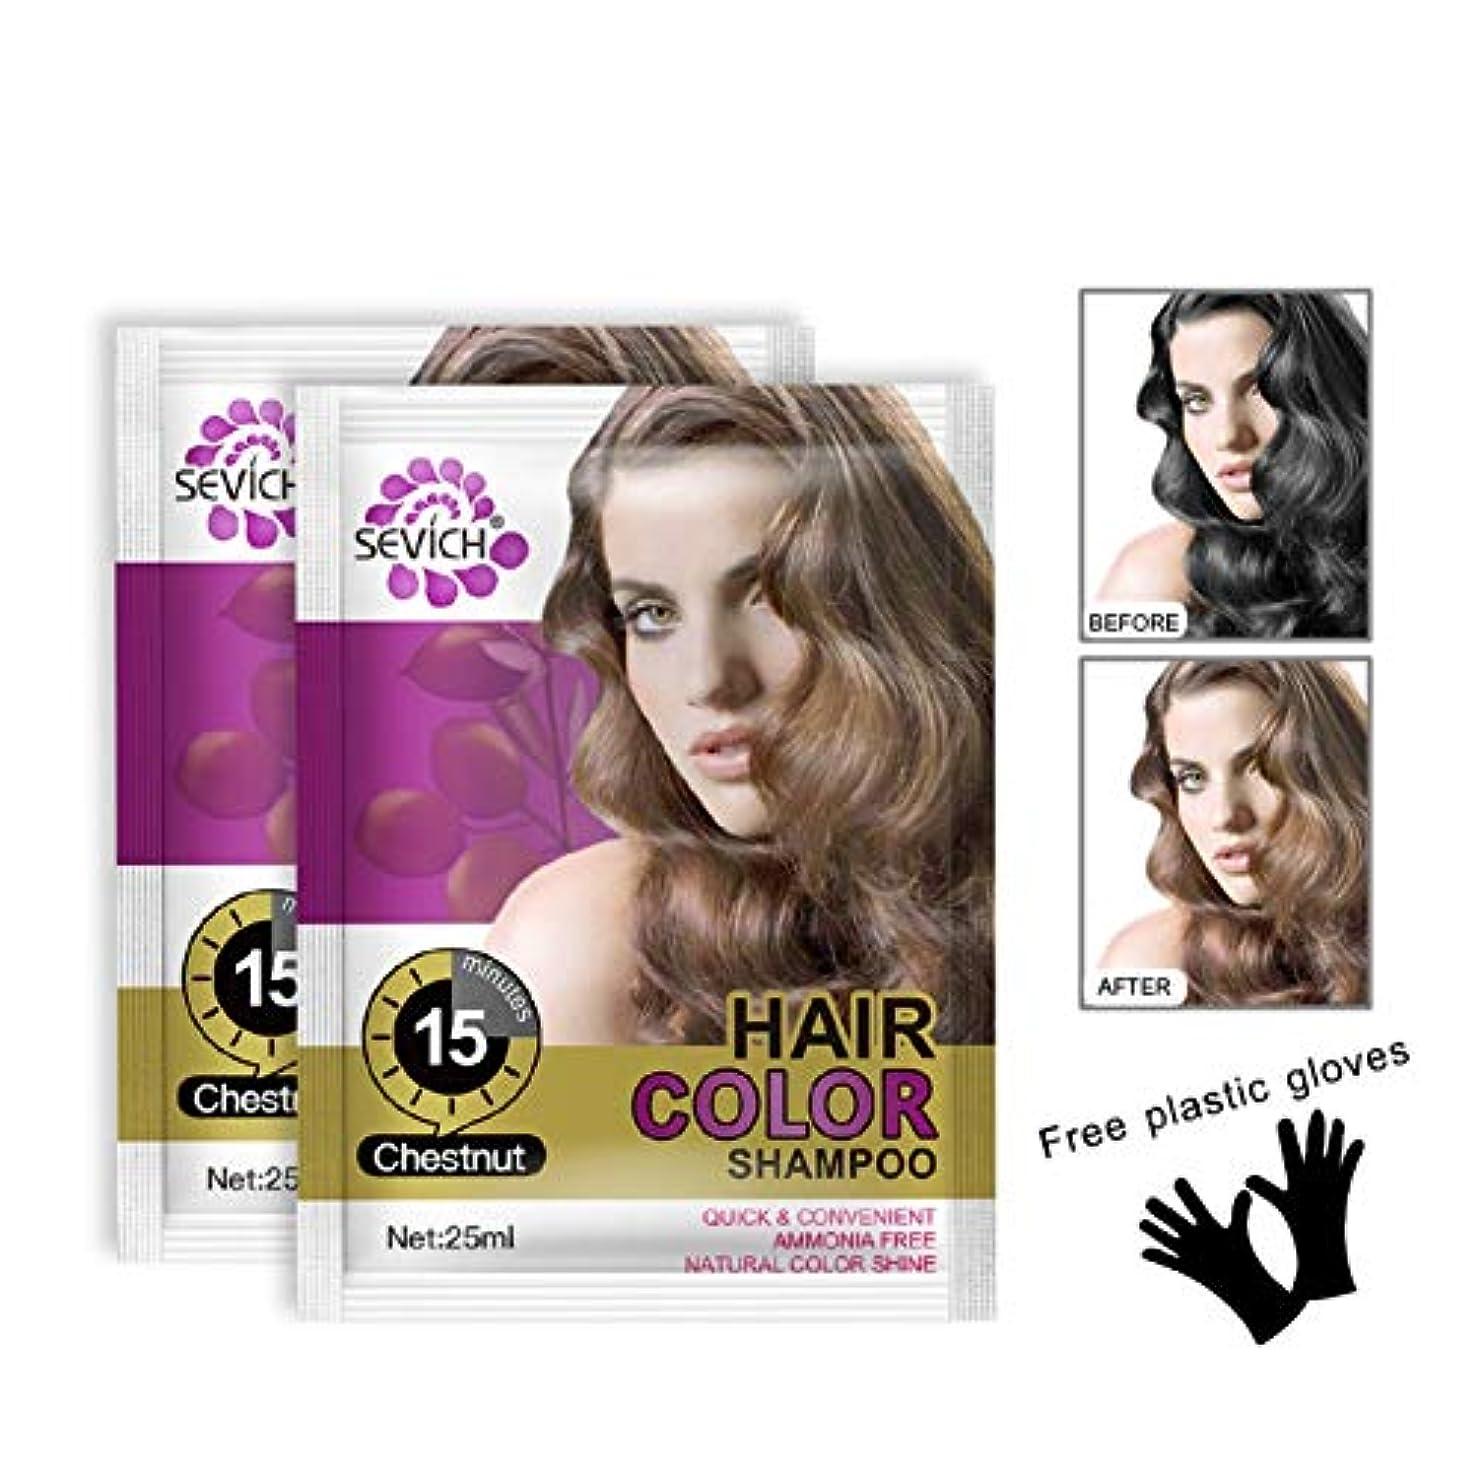 傘規則性いうヘアカラー ヘア染め ヘアカラースタイリング 髪の色のシャンプ ヘアシャンプー 純粋な植物 自然 刺激ない ヘアケア 10枚セット Cutelove